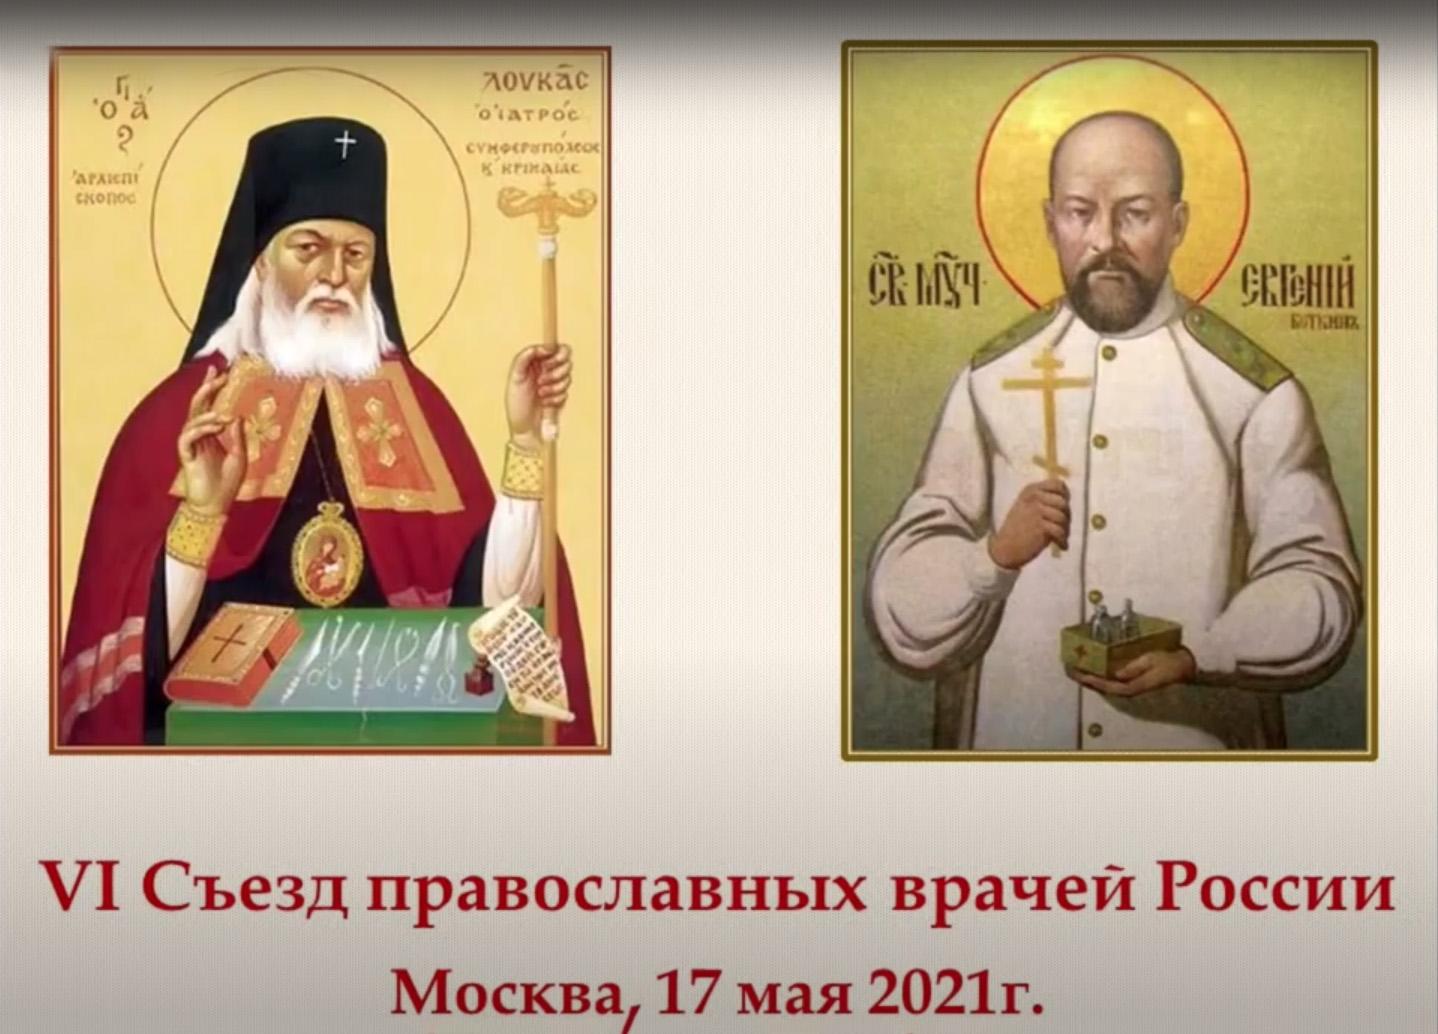 VI съезд общества православных врачей